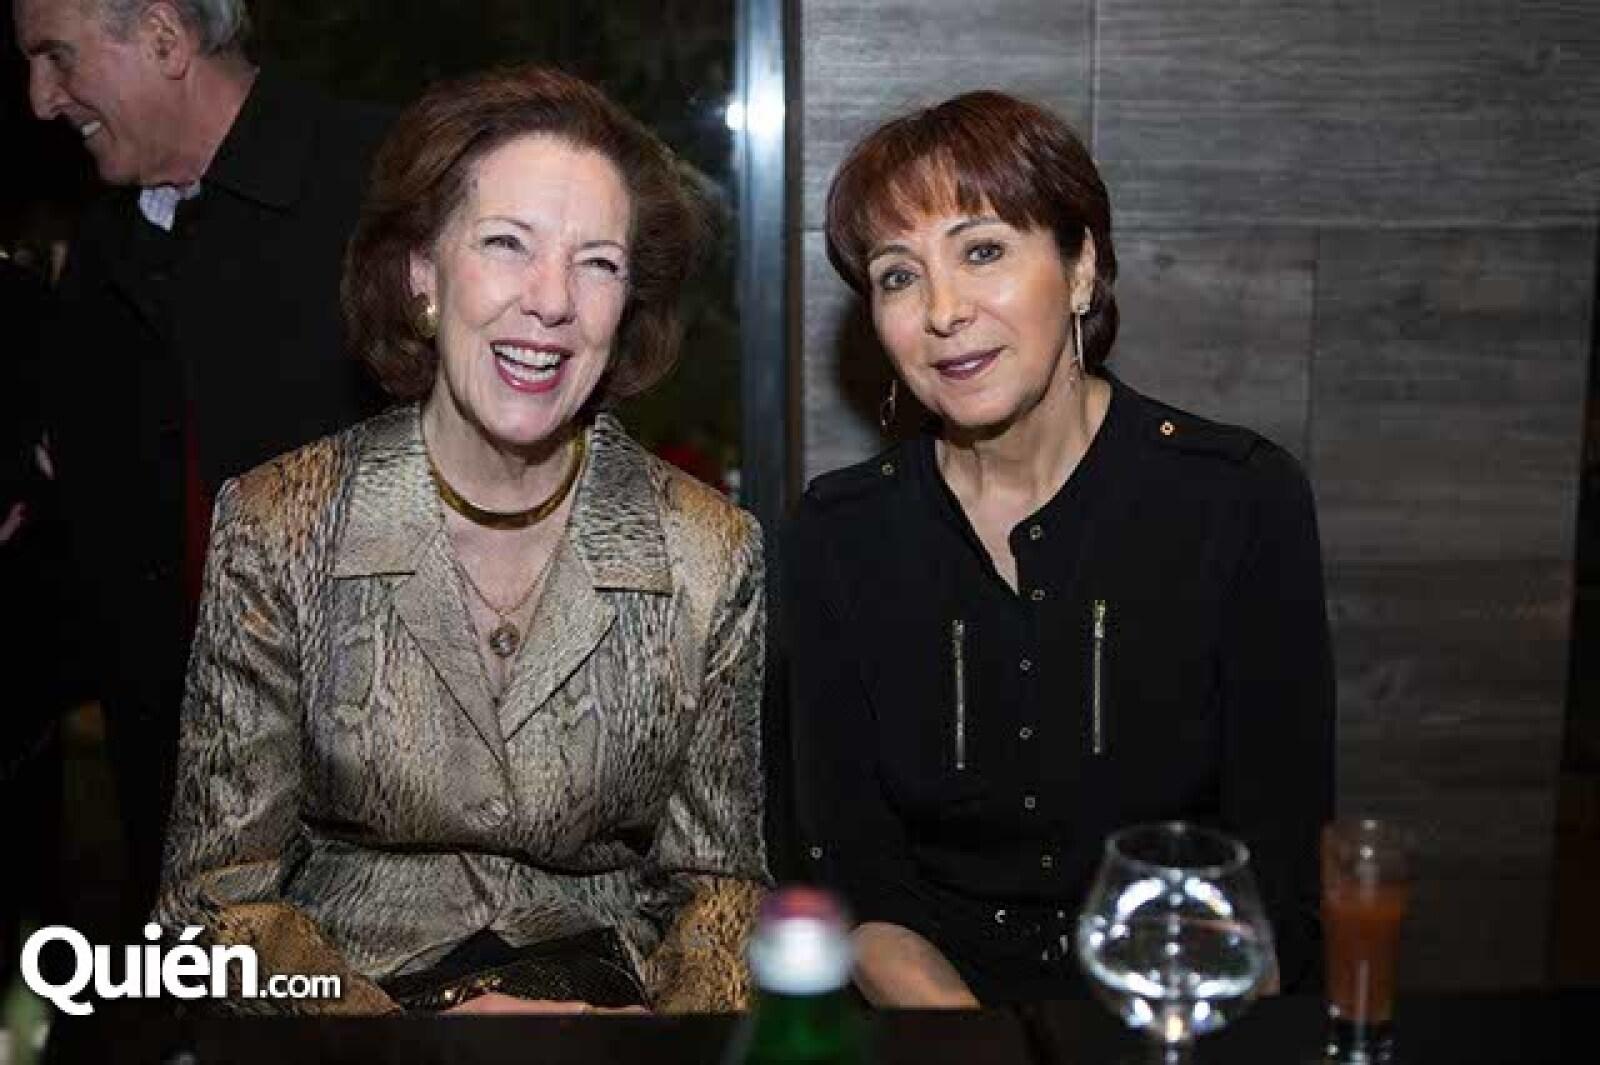 Consuela Sainz de Miera y Clara Delgado